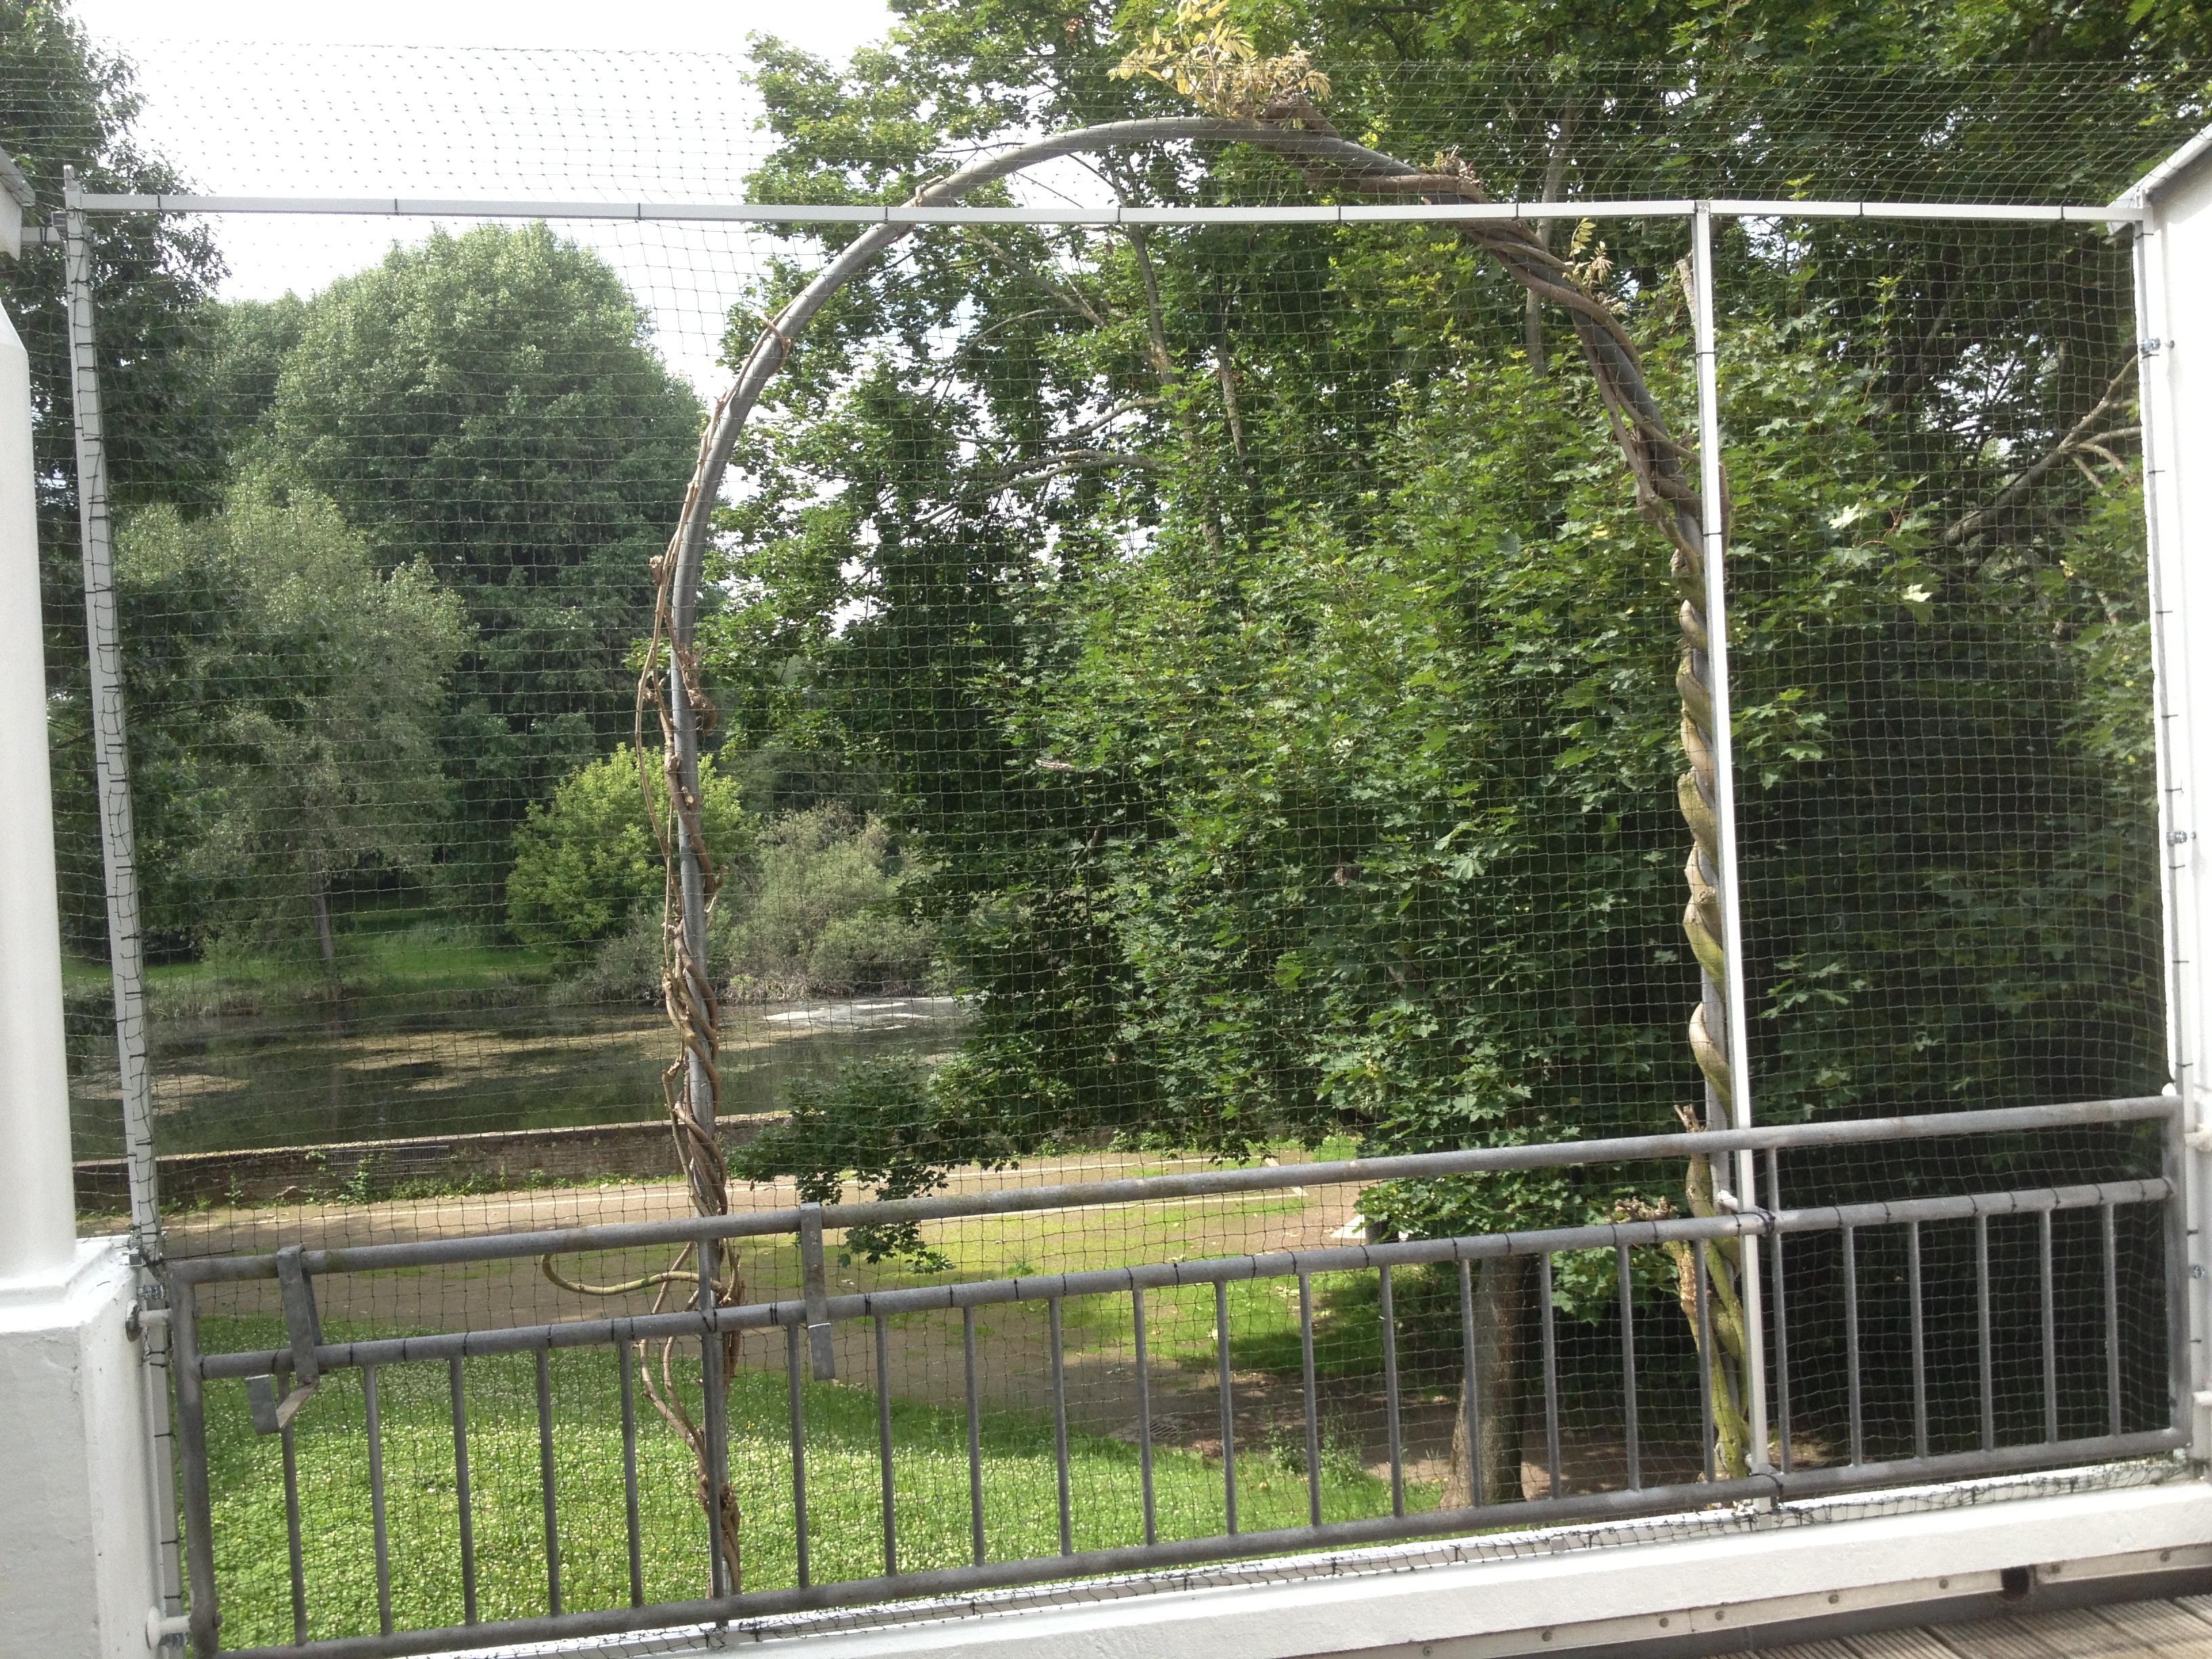 Terrasse im Ruhrgebiet katzensicher gemacht, vom Fachmann für Katzennetz anbringen